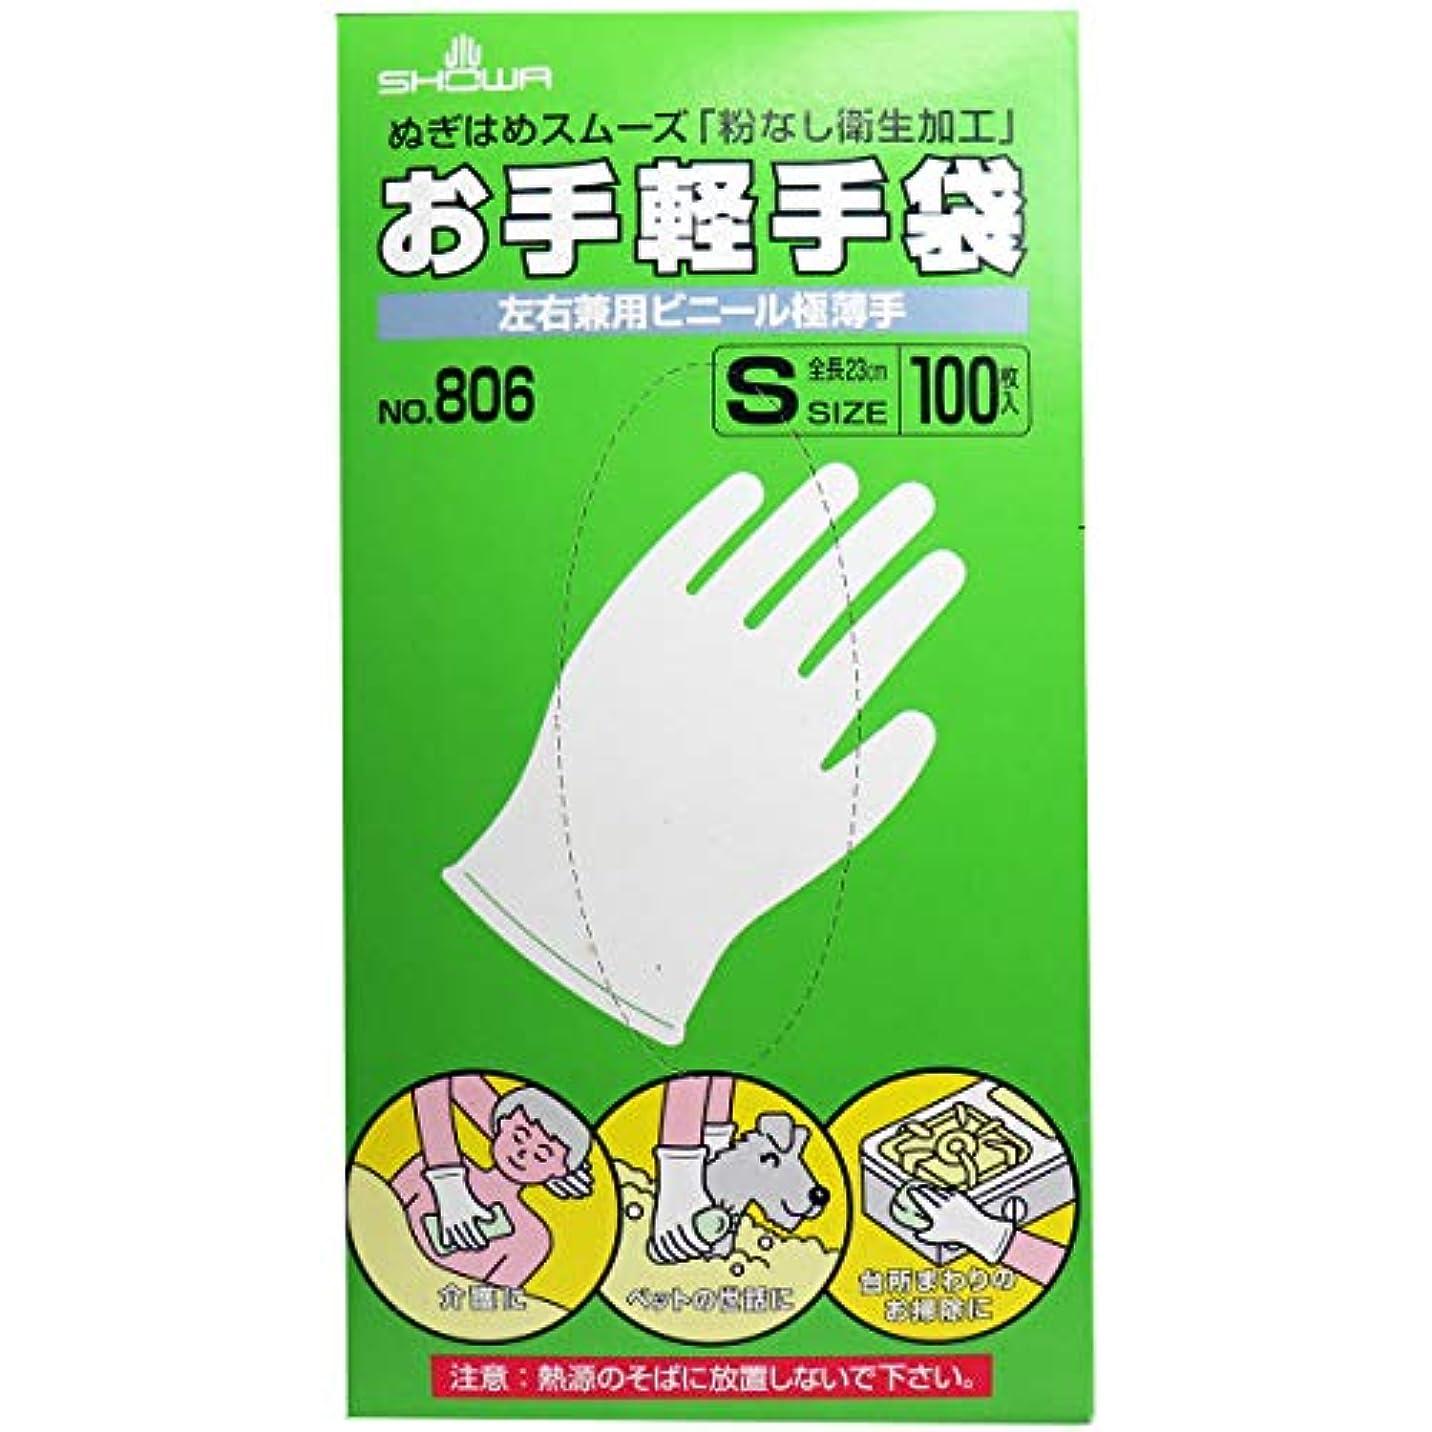 牧師プランターレオナルドダお手軽手袋 No.806 左右兼用ビニール極薄手 粉なし Sサイズ 100枚入×5個セット